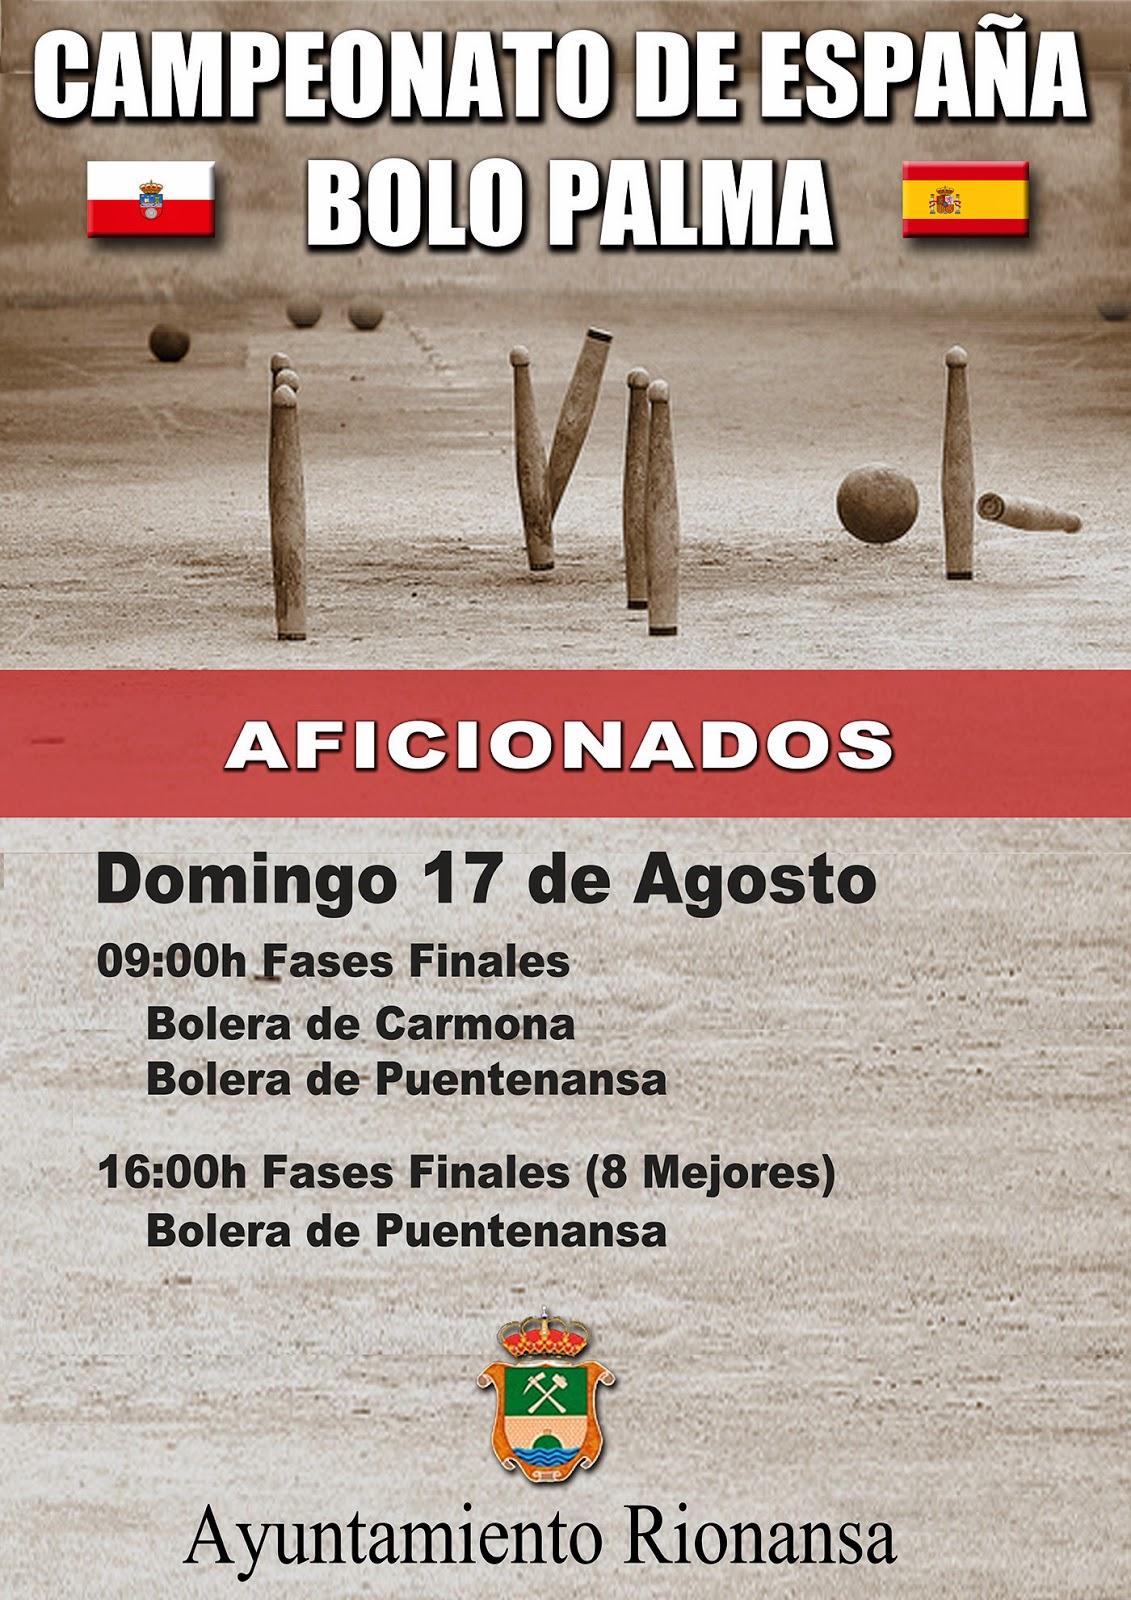 Campeonato España Bolo Palma Aficionados Poster Puentenansa Carmona Bolos